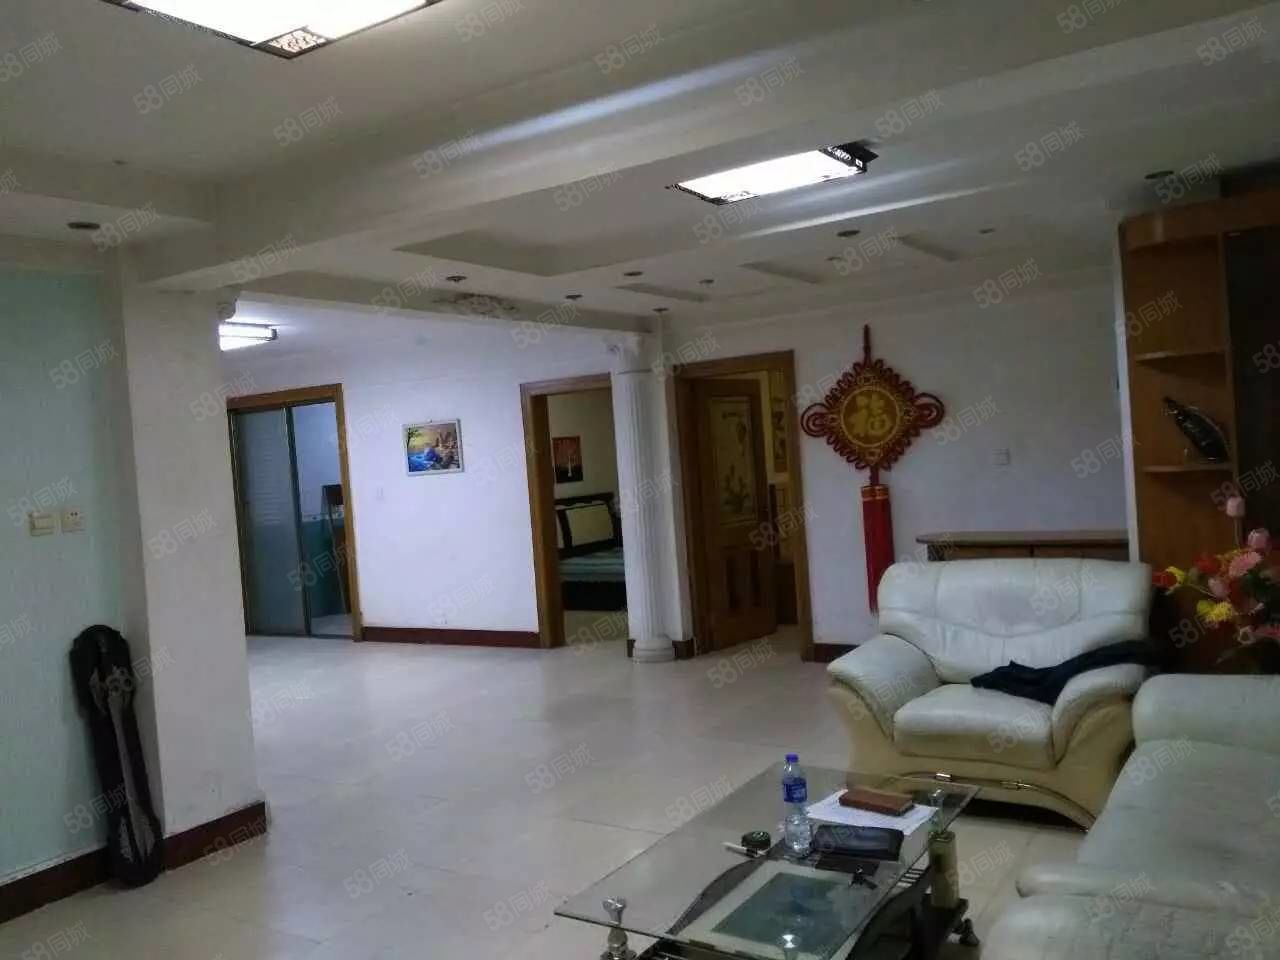 铁福园三室二厅126平1层中等装修前后开门年租金16000元